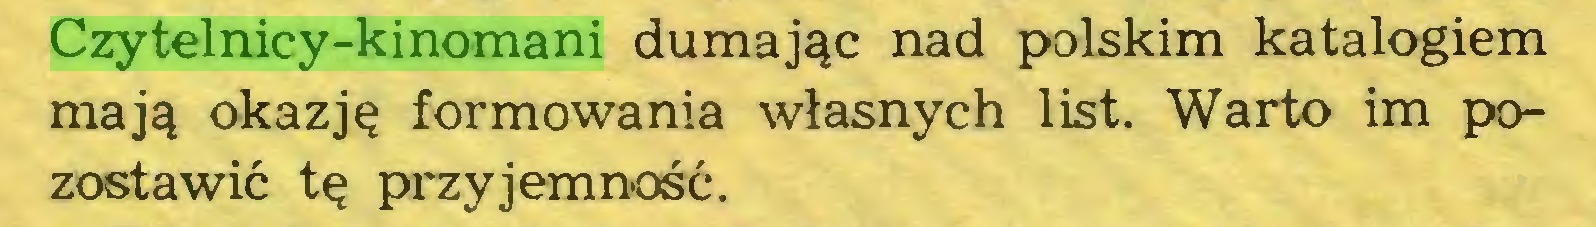 (...) Czytelnicy-kinomani dumając nad polskim katalogiem mają okazję formowania własnych list. Warto im pozostawić tę przyjemność...